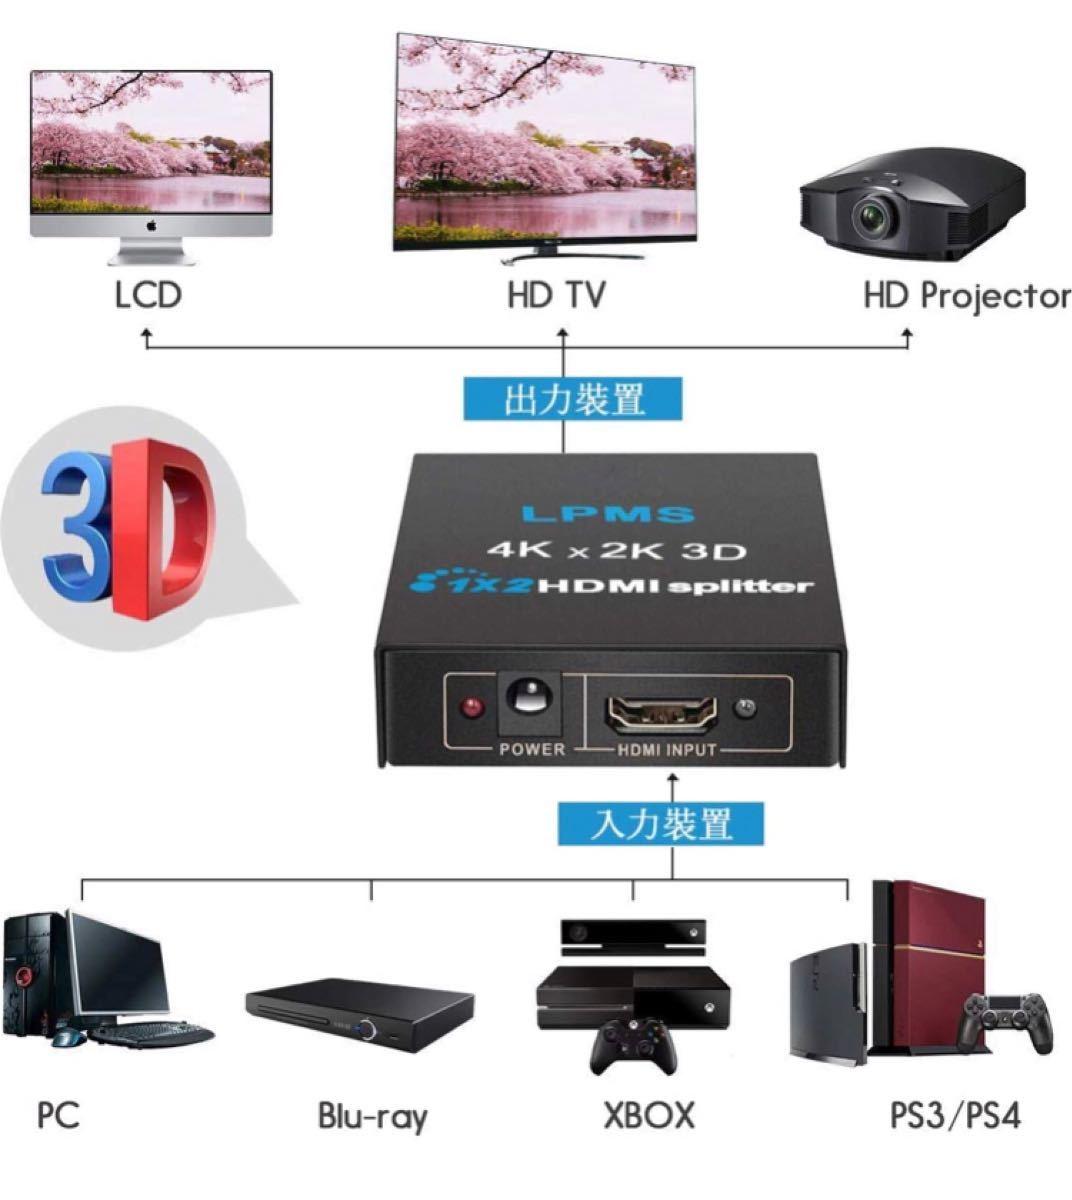 【新品】HDMI 分配器 1入力2出力 HDMI分配器 1x2サポート4K